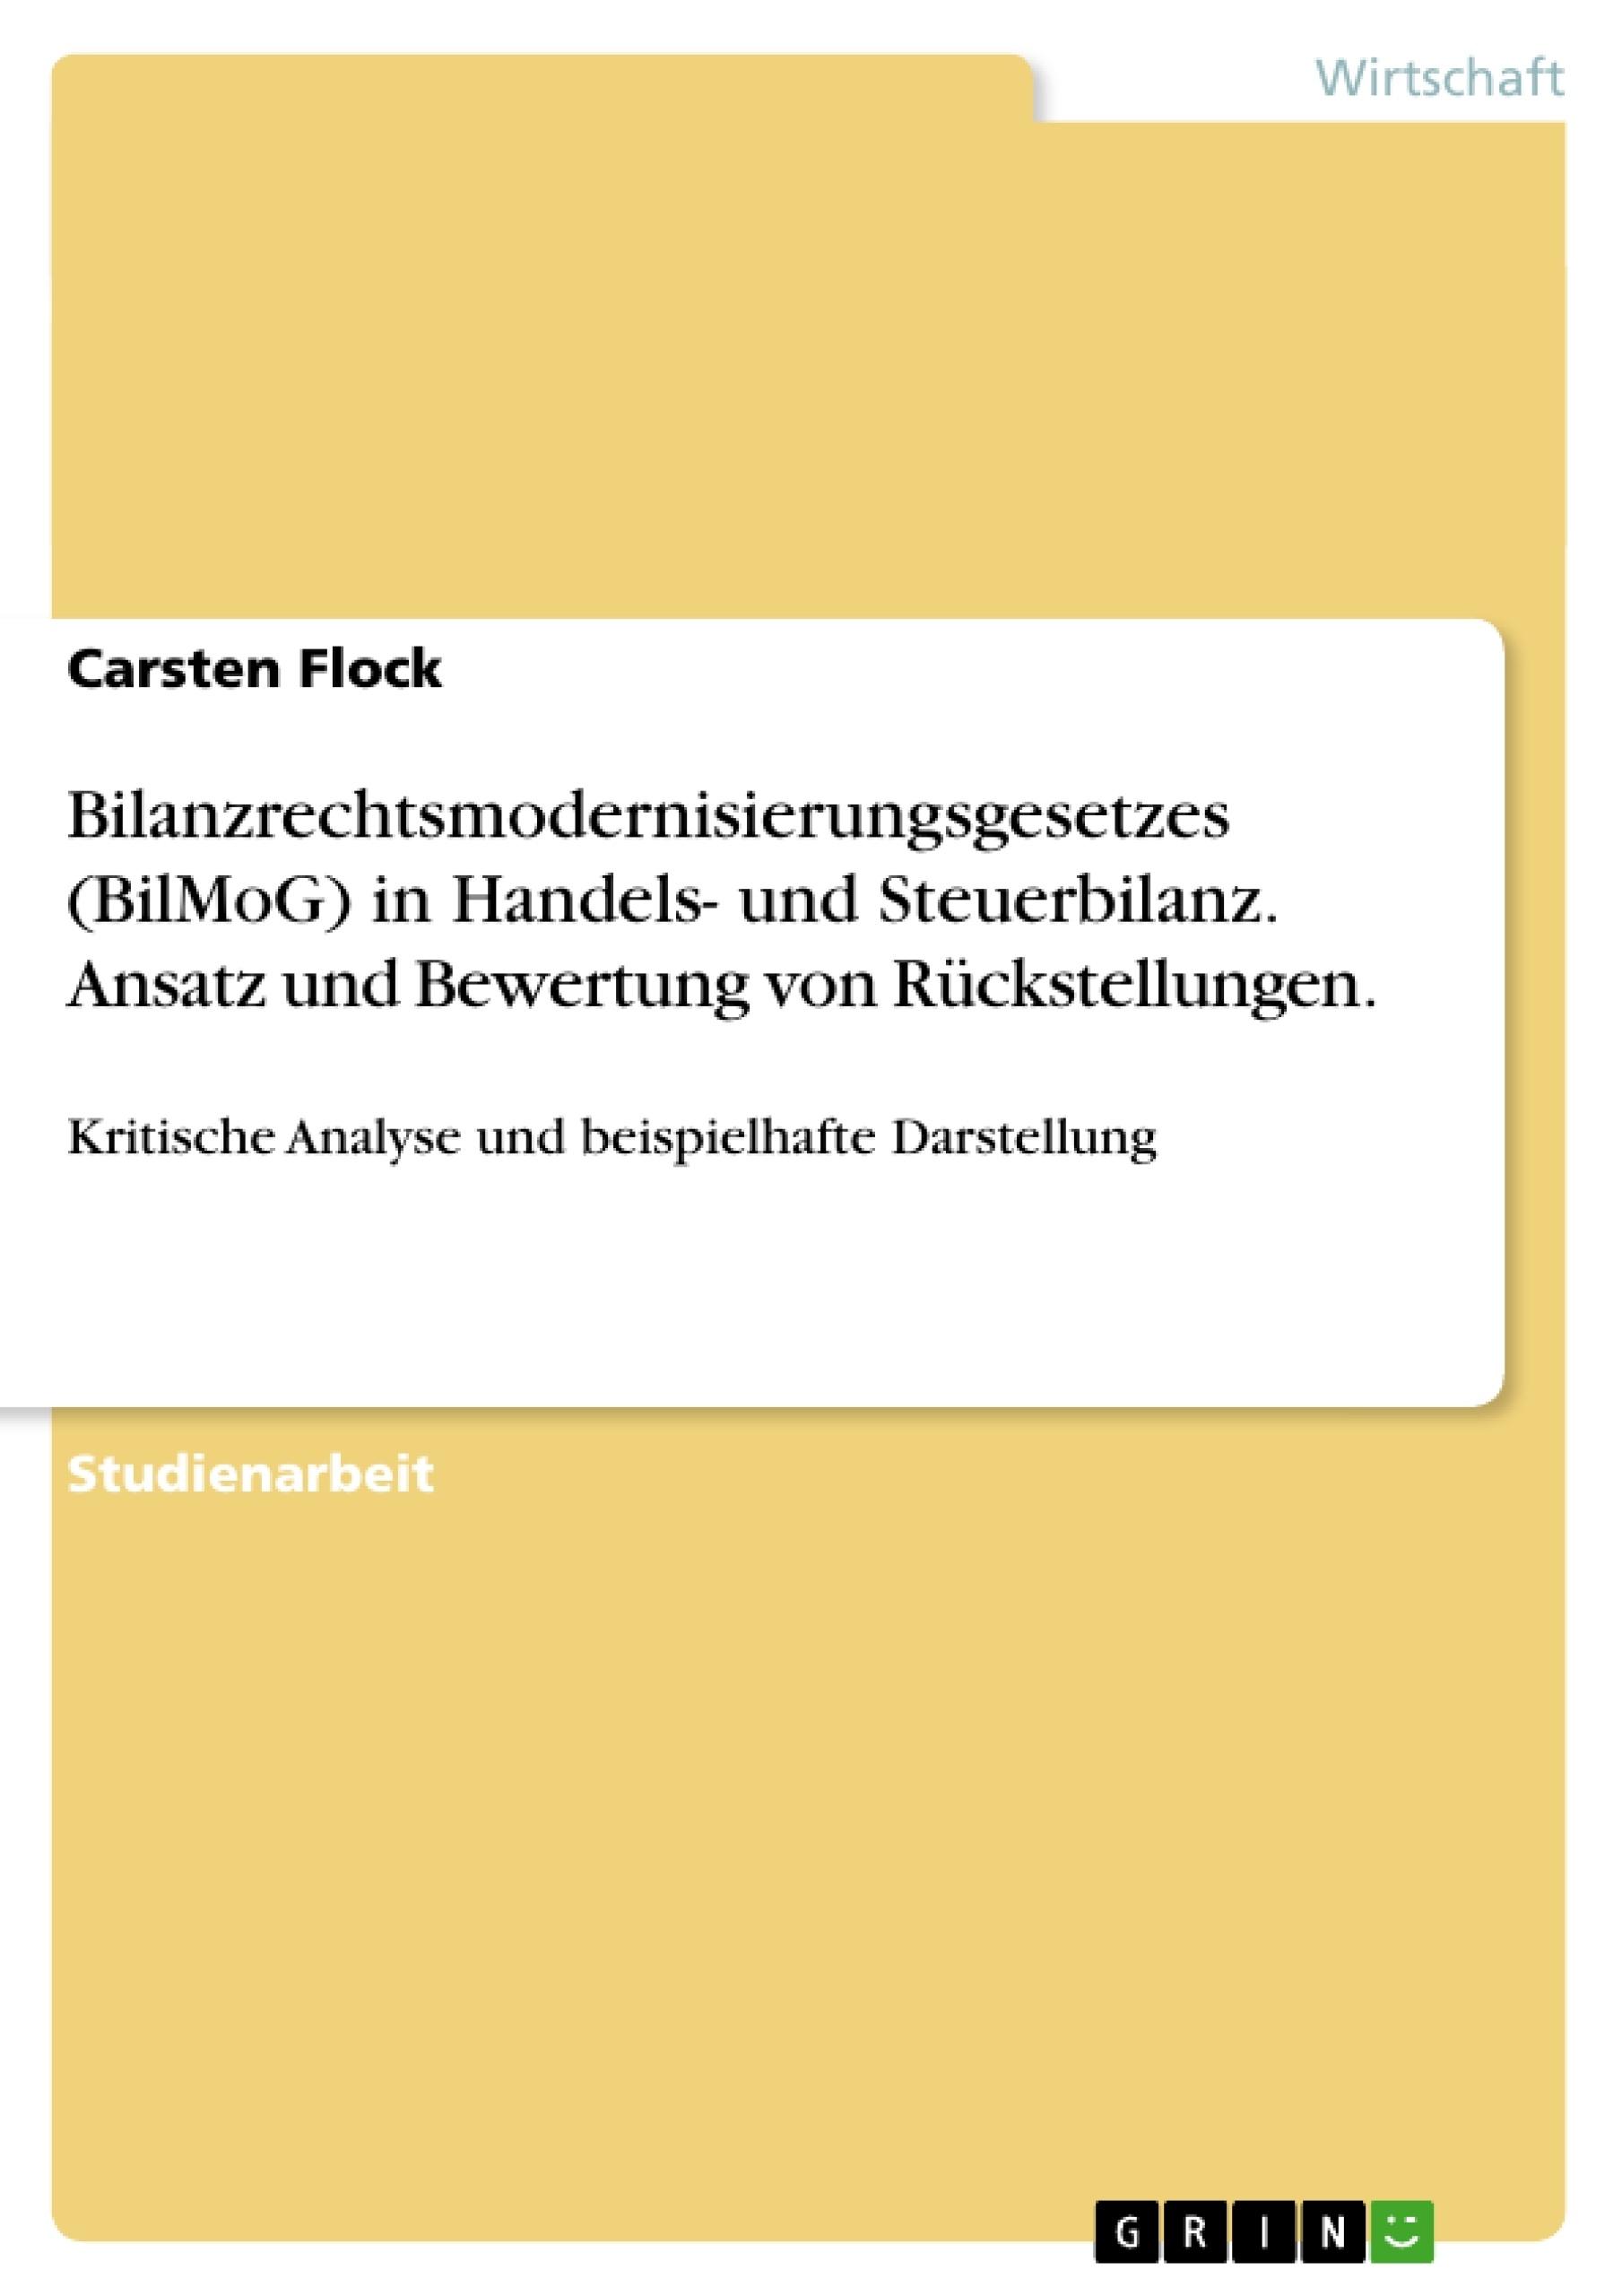 Titel: Bilanzrechtsmodernisierungsgesetz (BilMoG) in Handels- und Steuerbilanz. Ansatz und Bewertung von Rückstellungen.